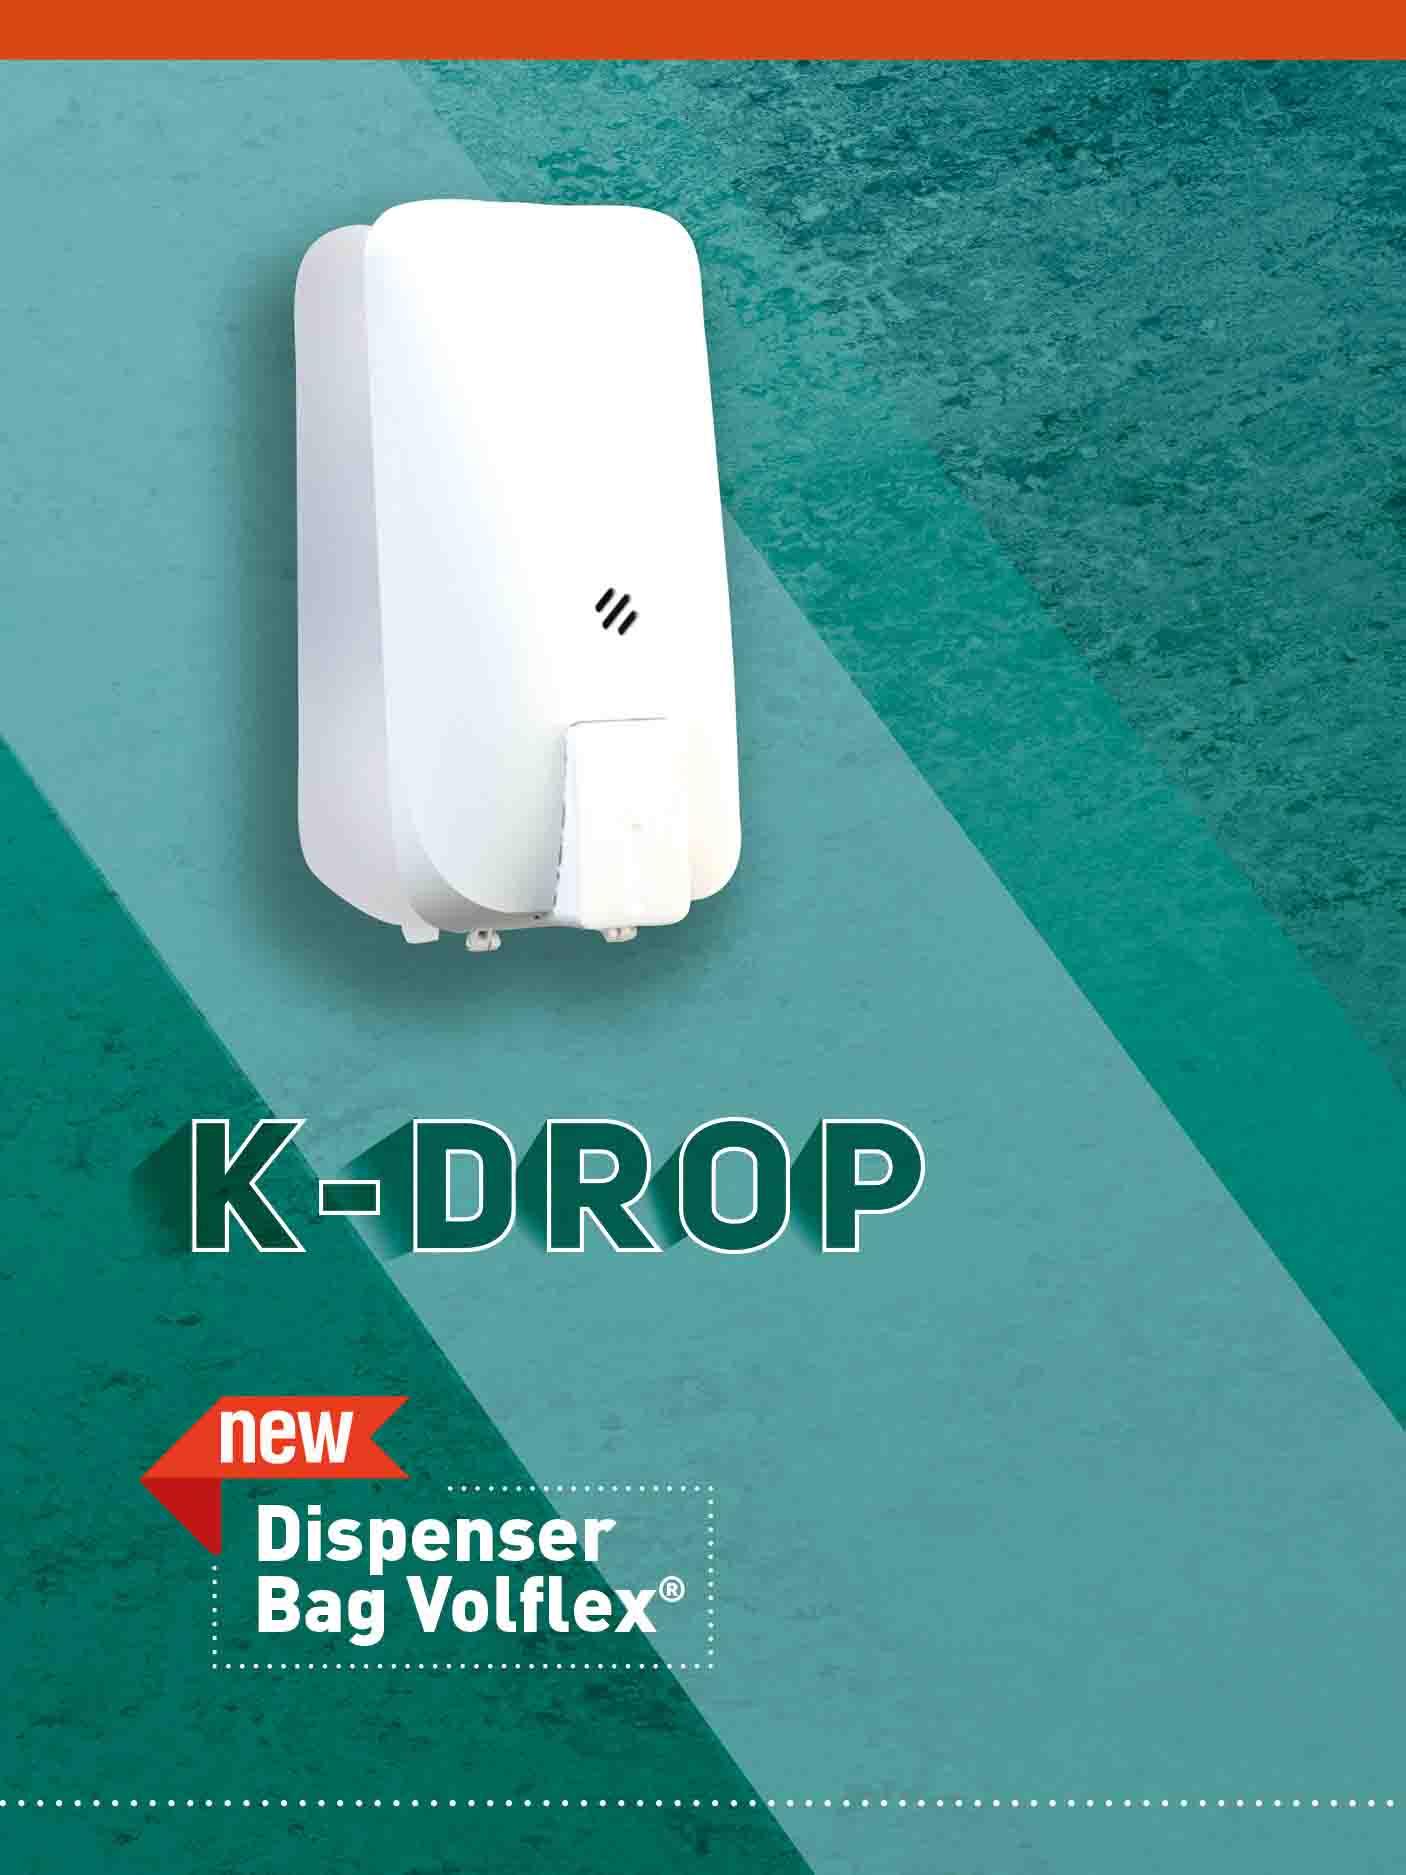 slide_mobile_kdrop